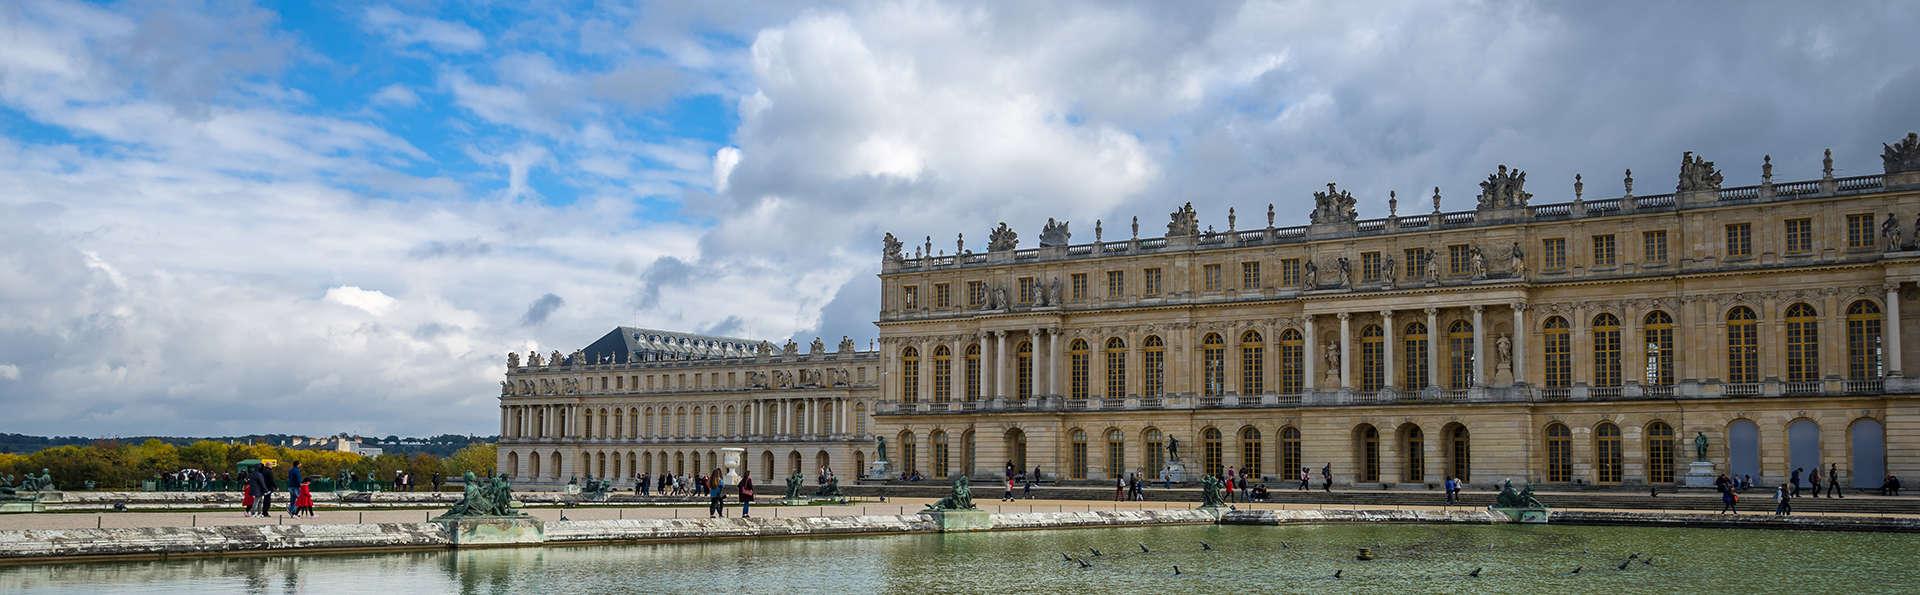 Week-end culturel avec place pour le Spectacle équestre au Château de Versailles